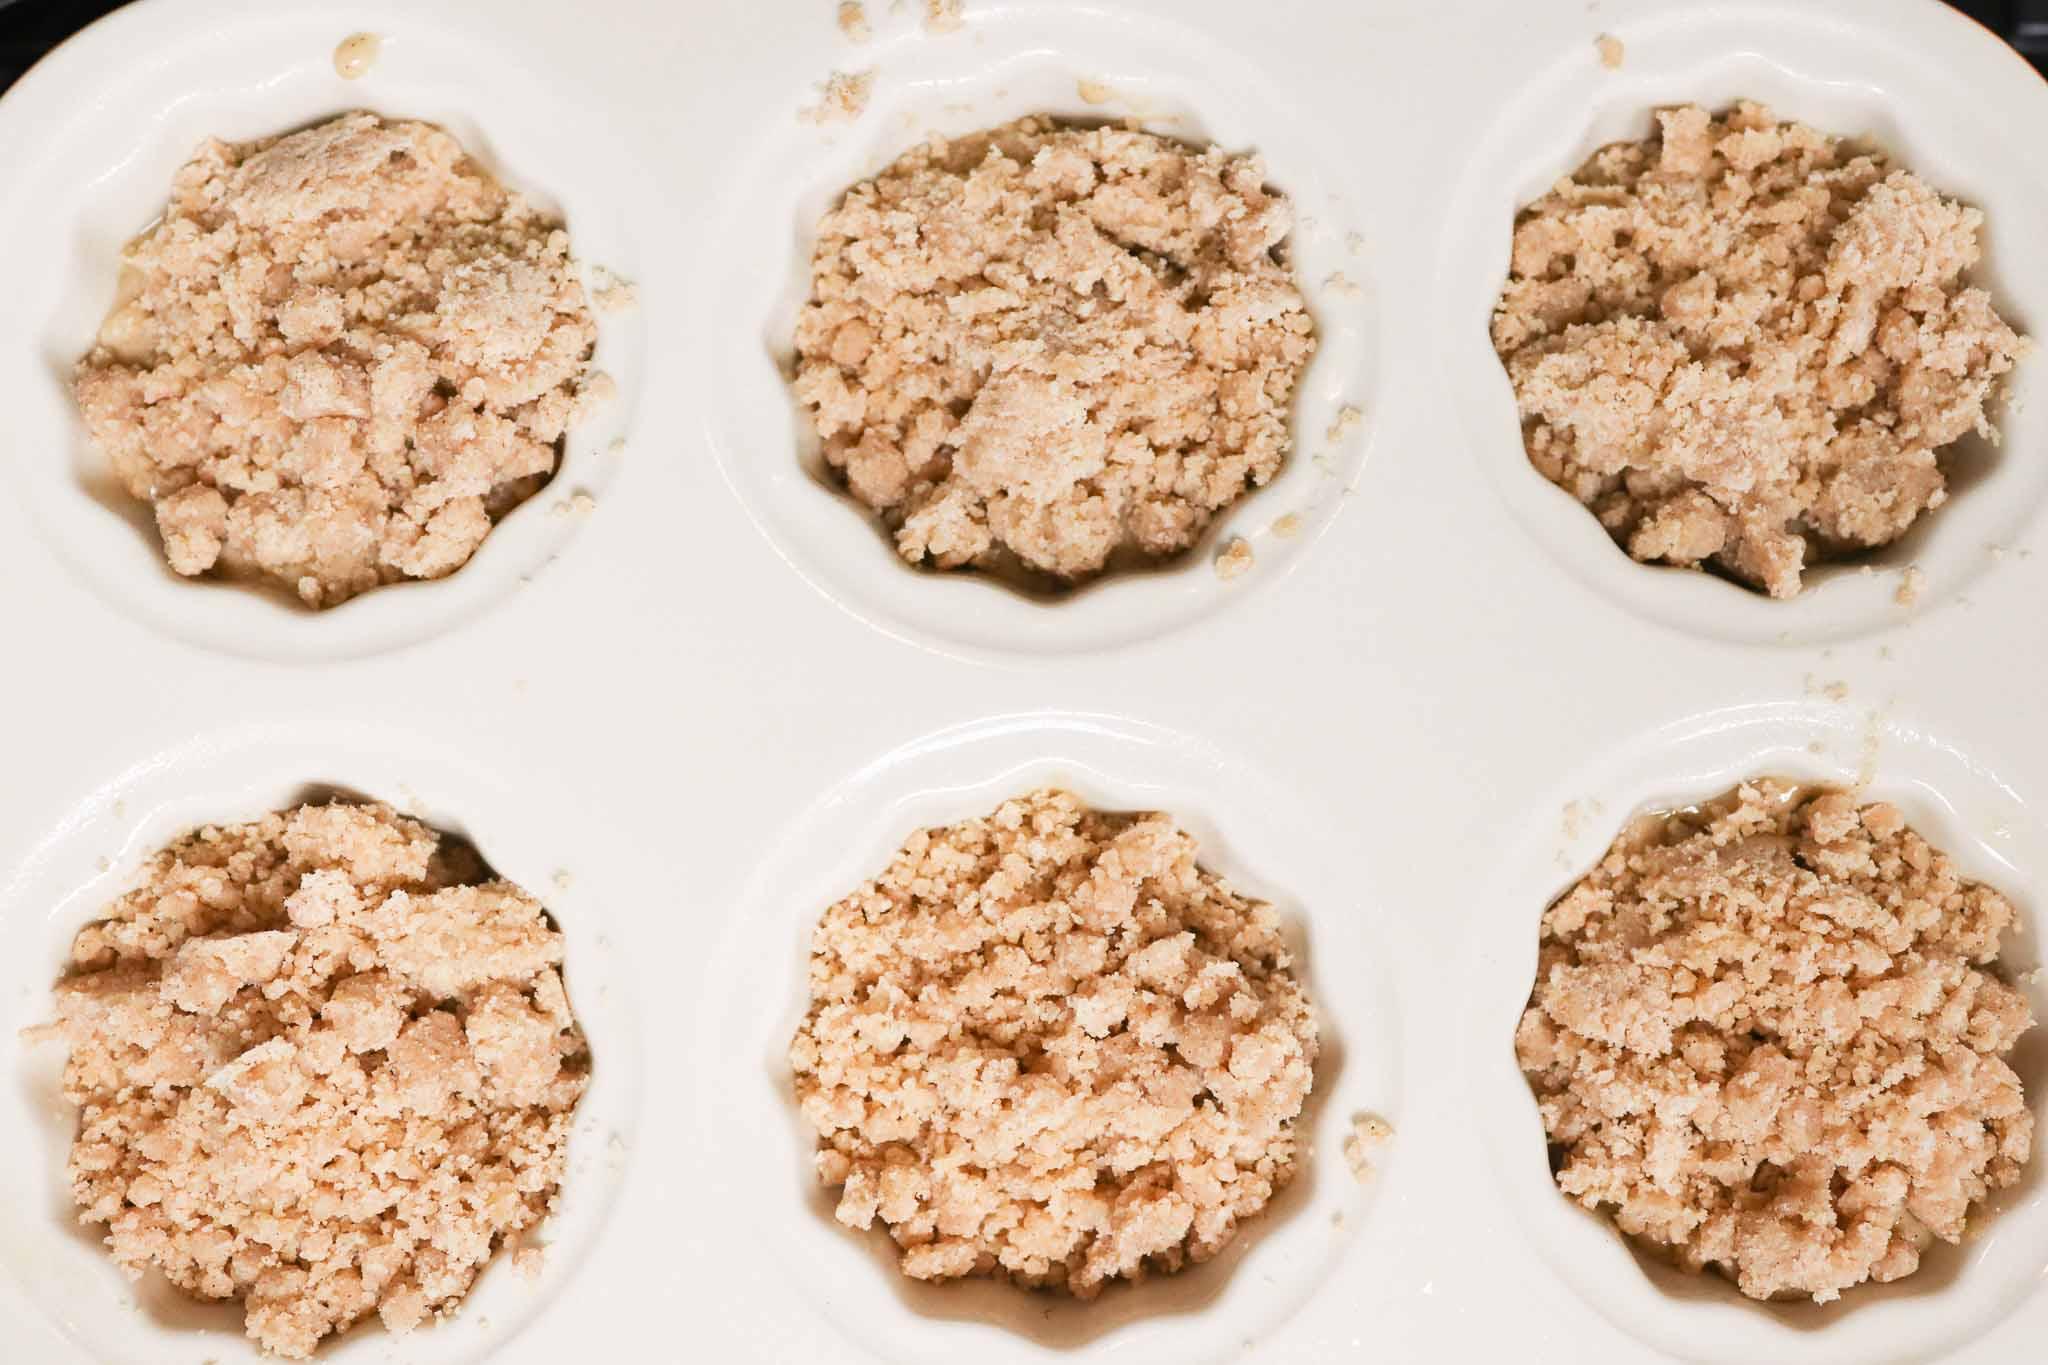 coffee cake muffins in a ceramic muffin tin